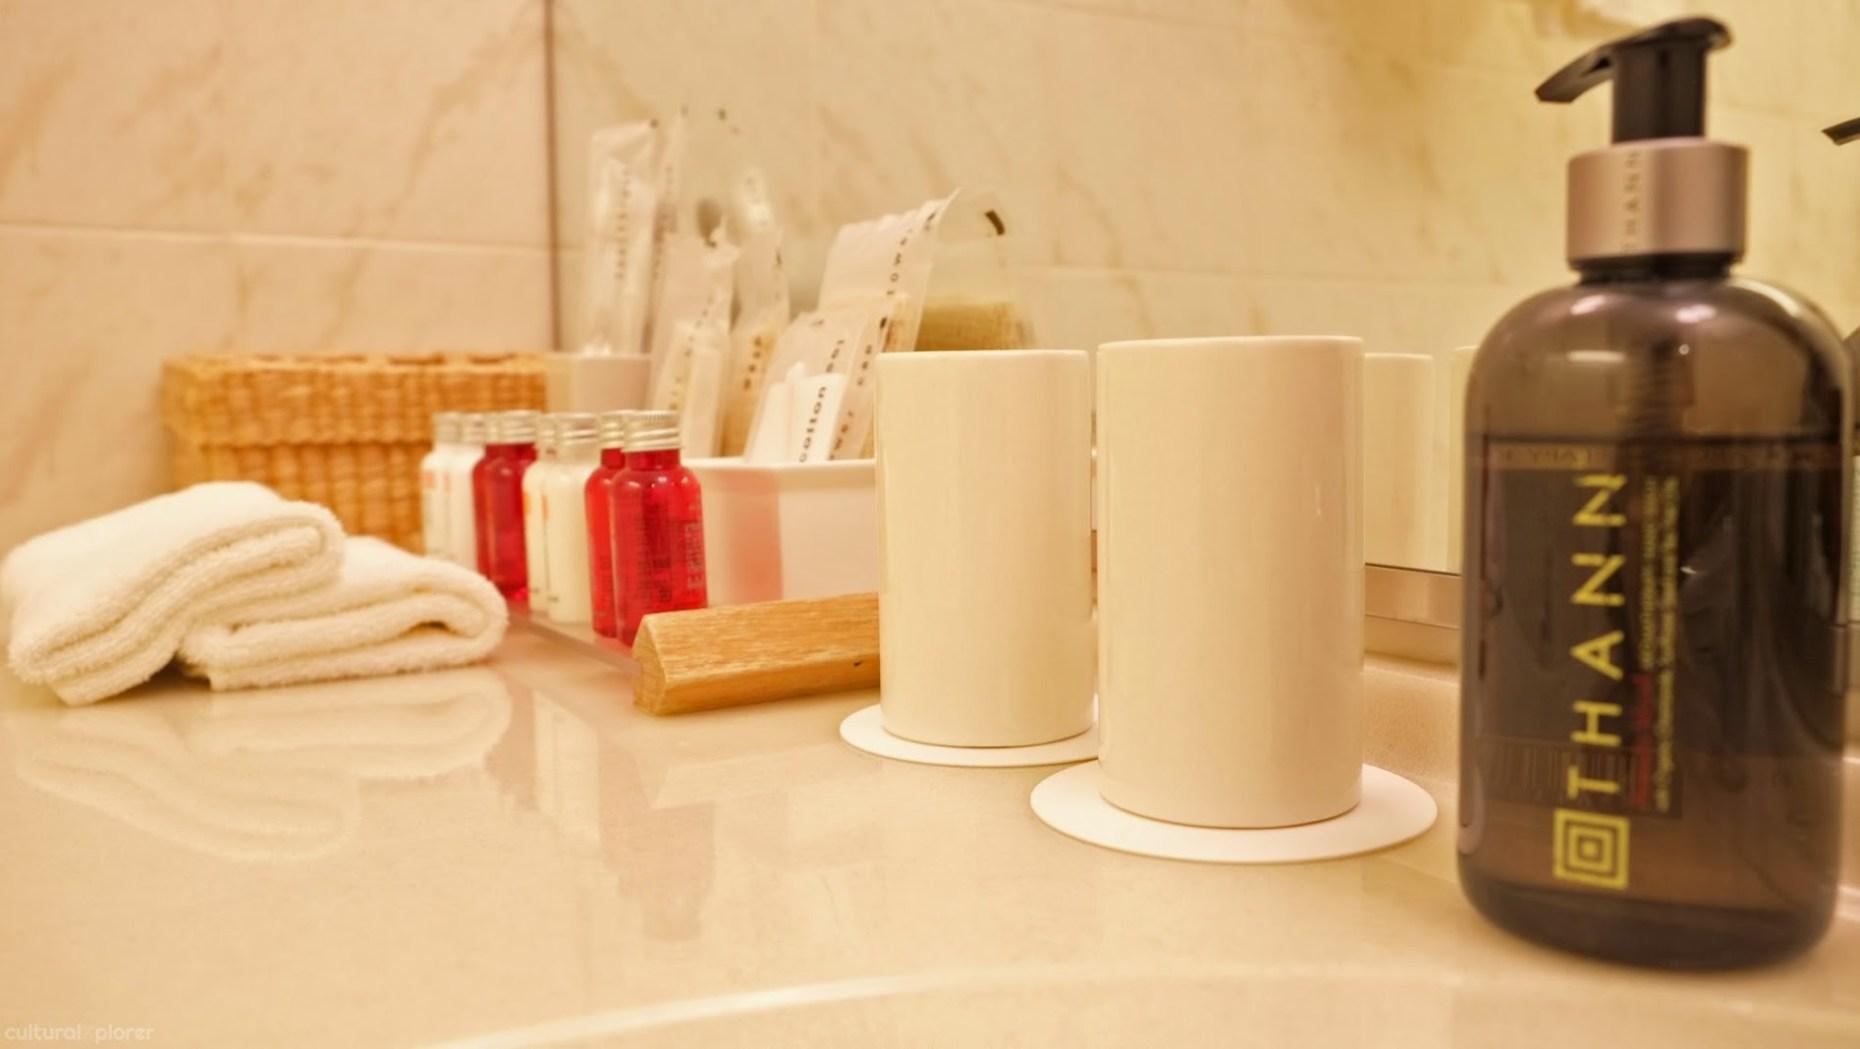 Park Hotel Tokyo Bathroom